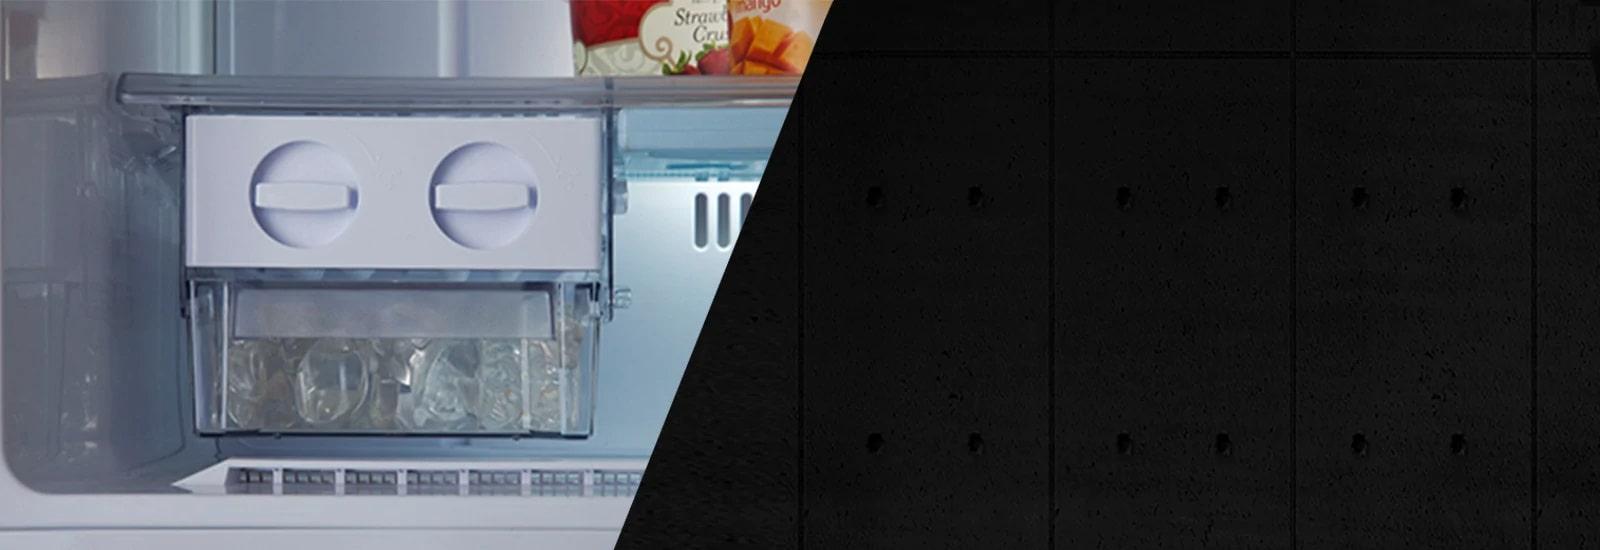 LG GL-S322SPZY Double Twist Ice Tray